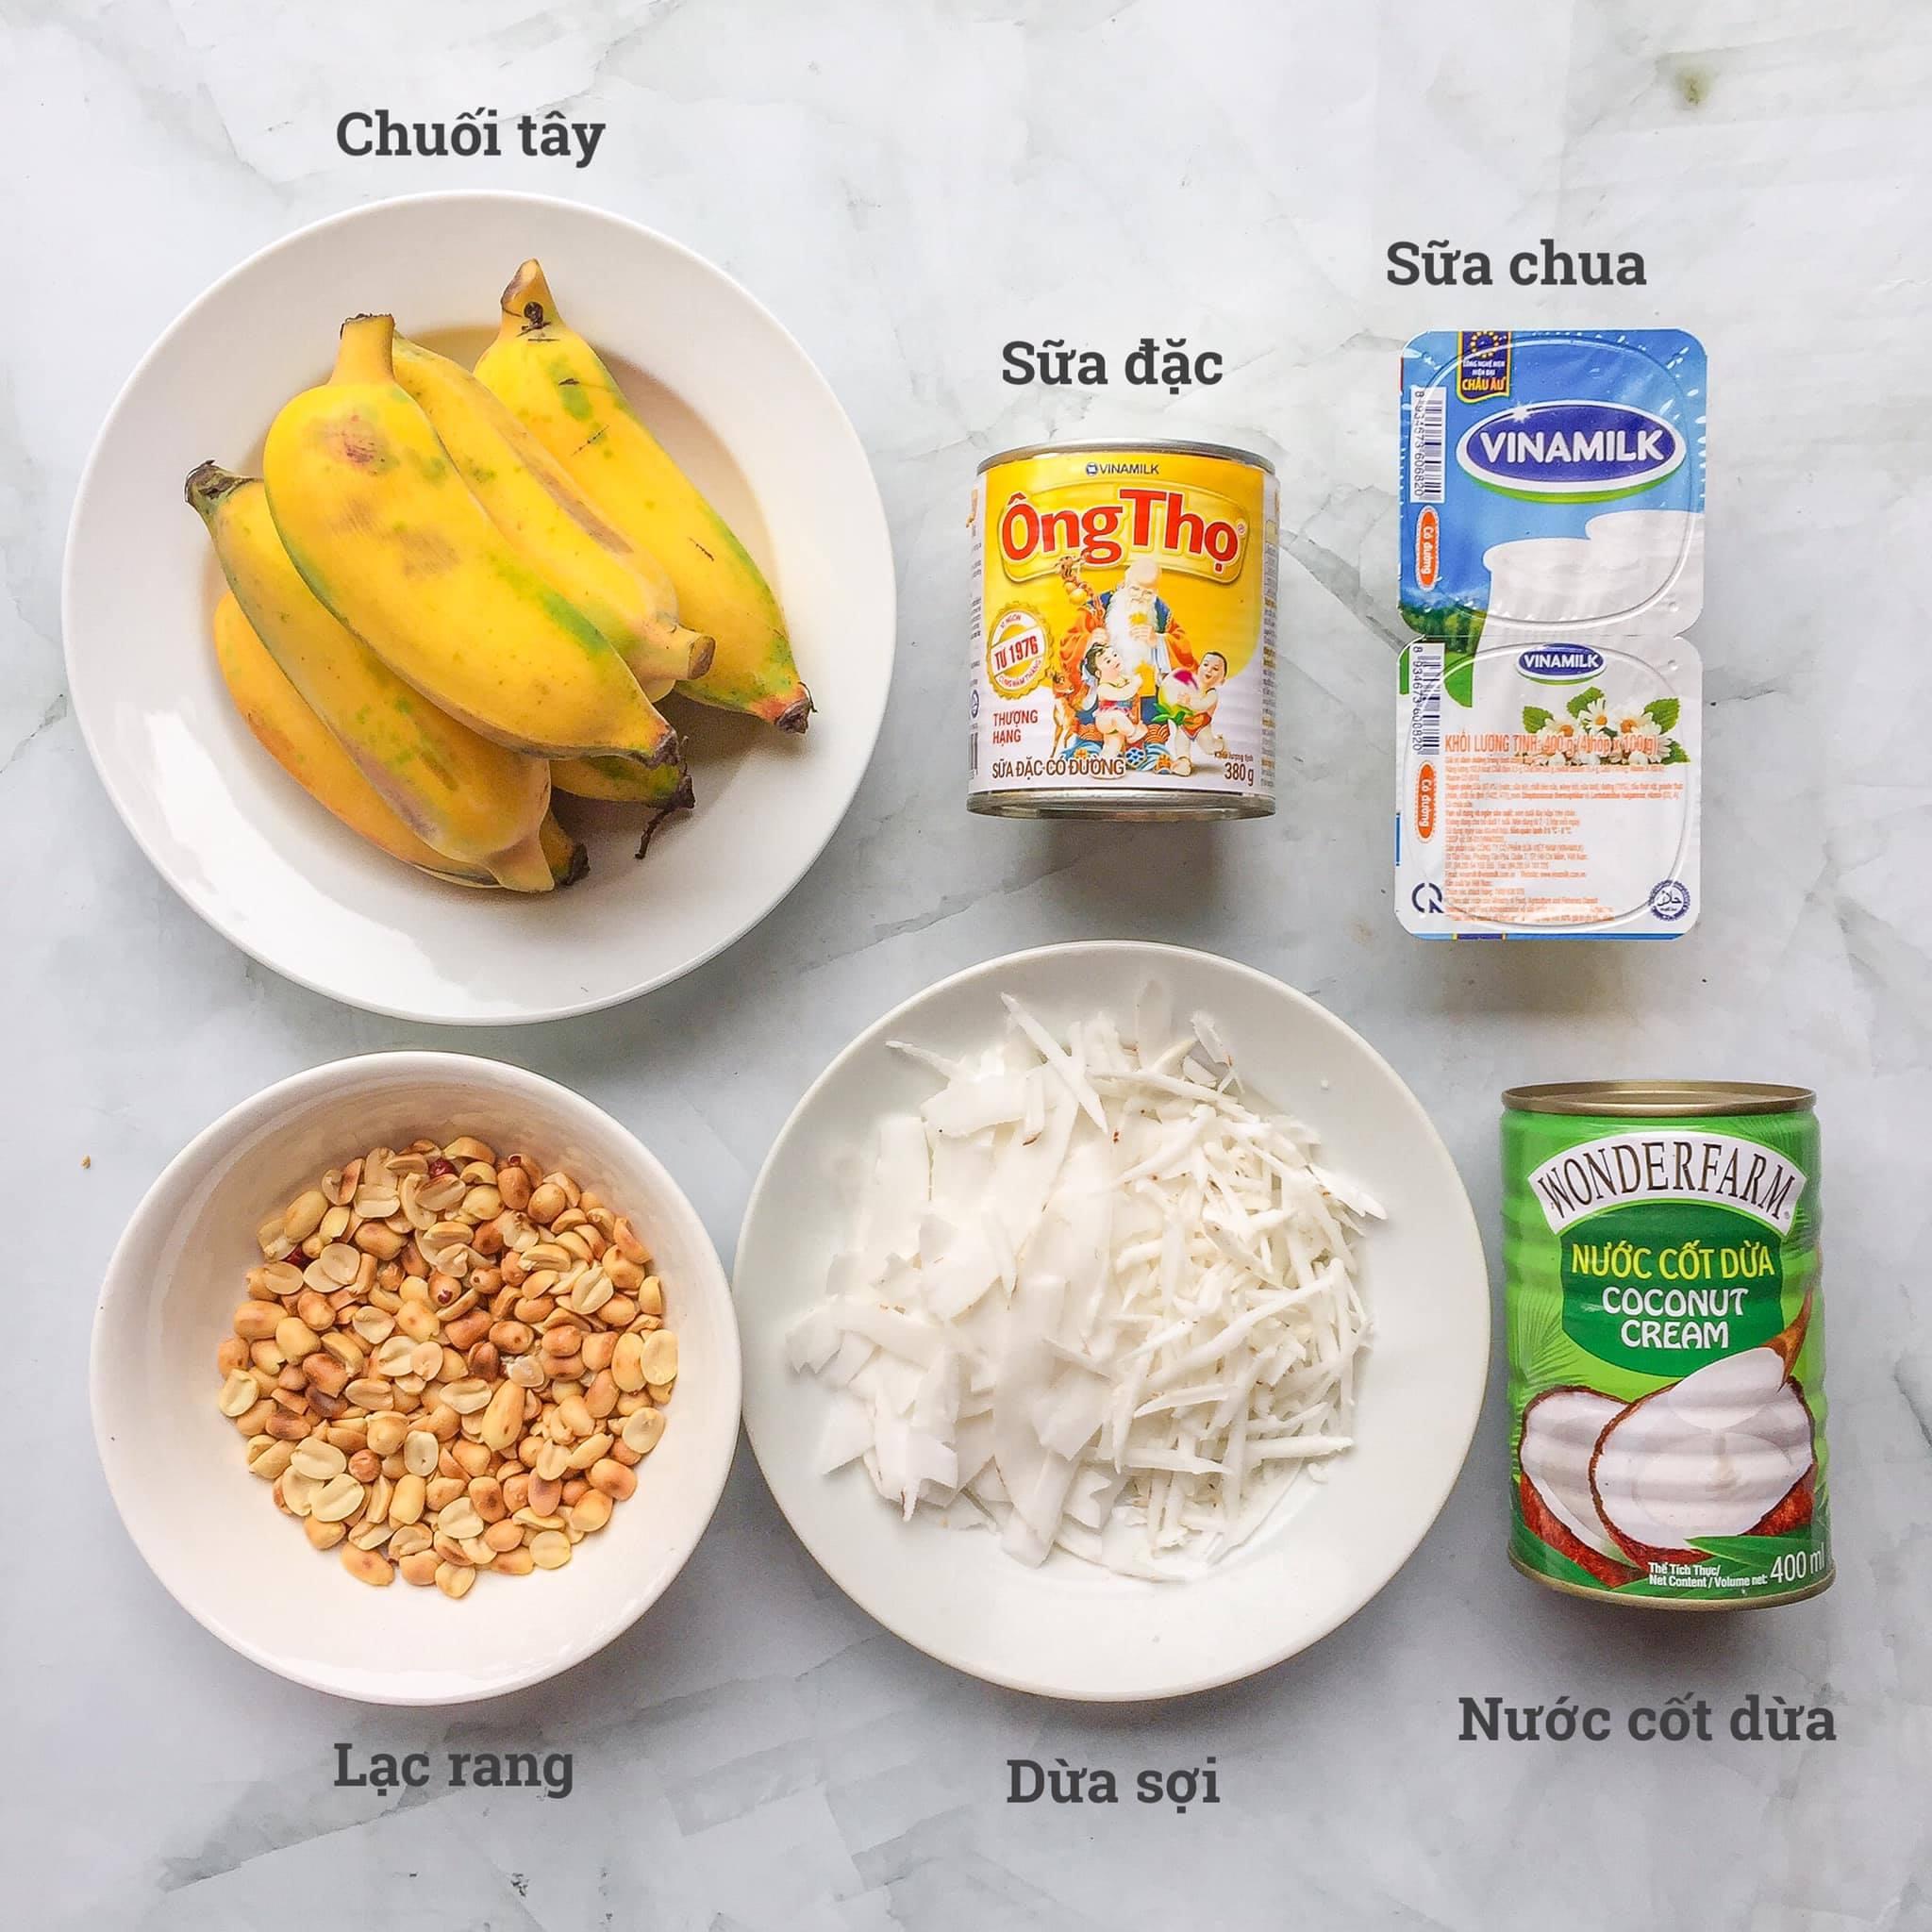 Cách làm kem chuối kiểu Thái cực kỳ thơm ngon và hấp dẫn